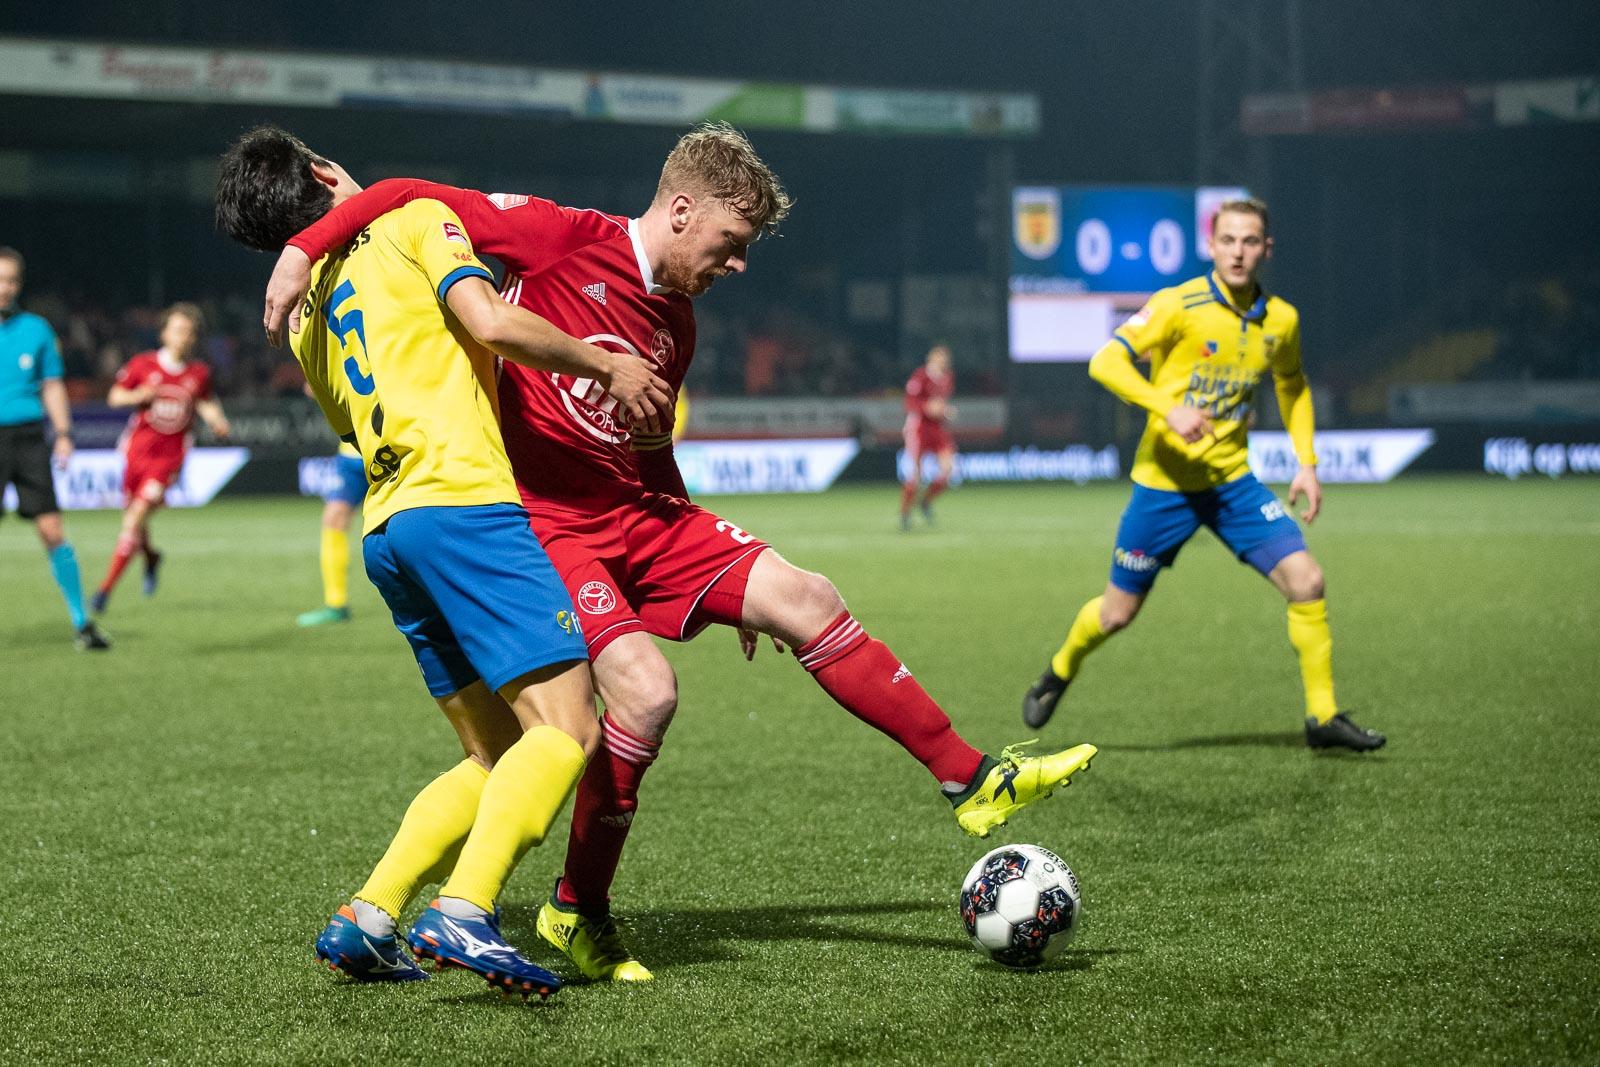 De Cijfers achter City: Flevoland klaar voor een debuut op het hoogste niveau